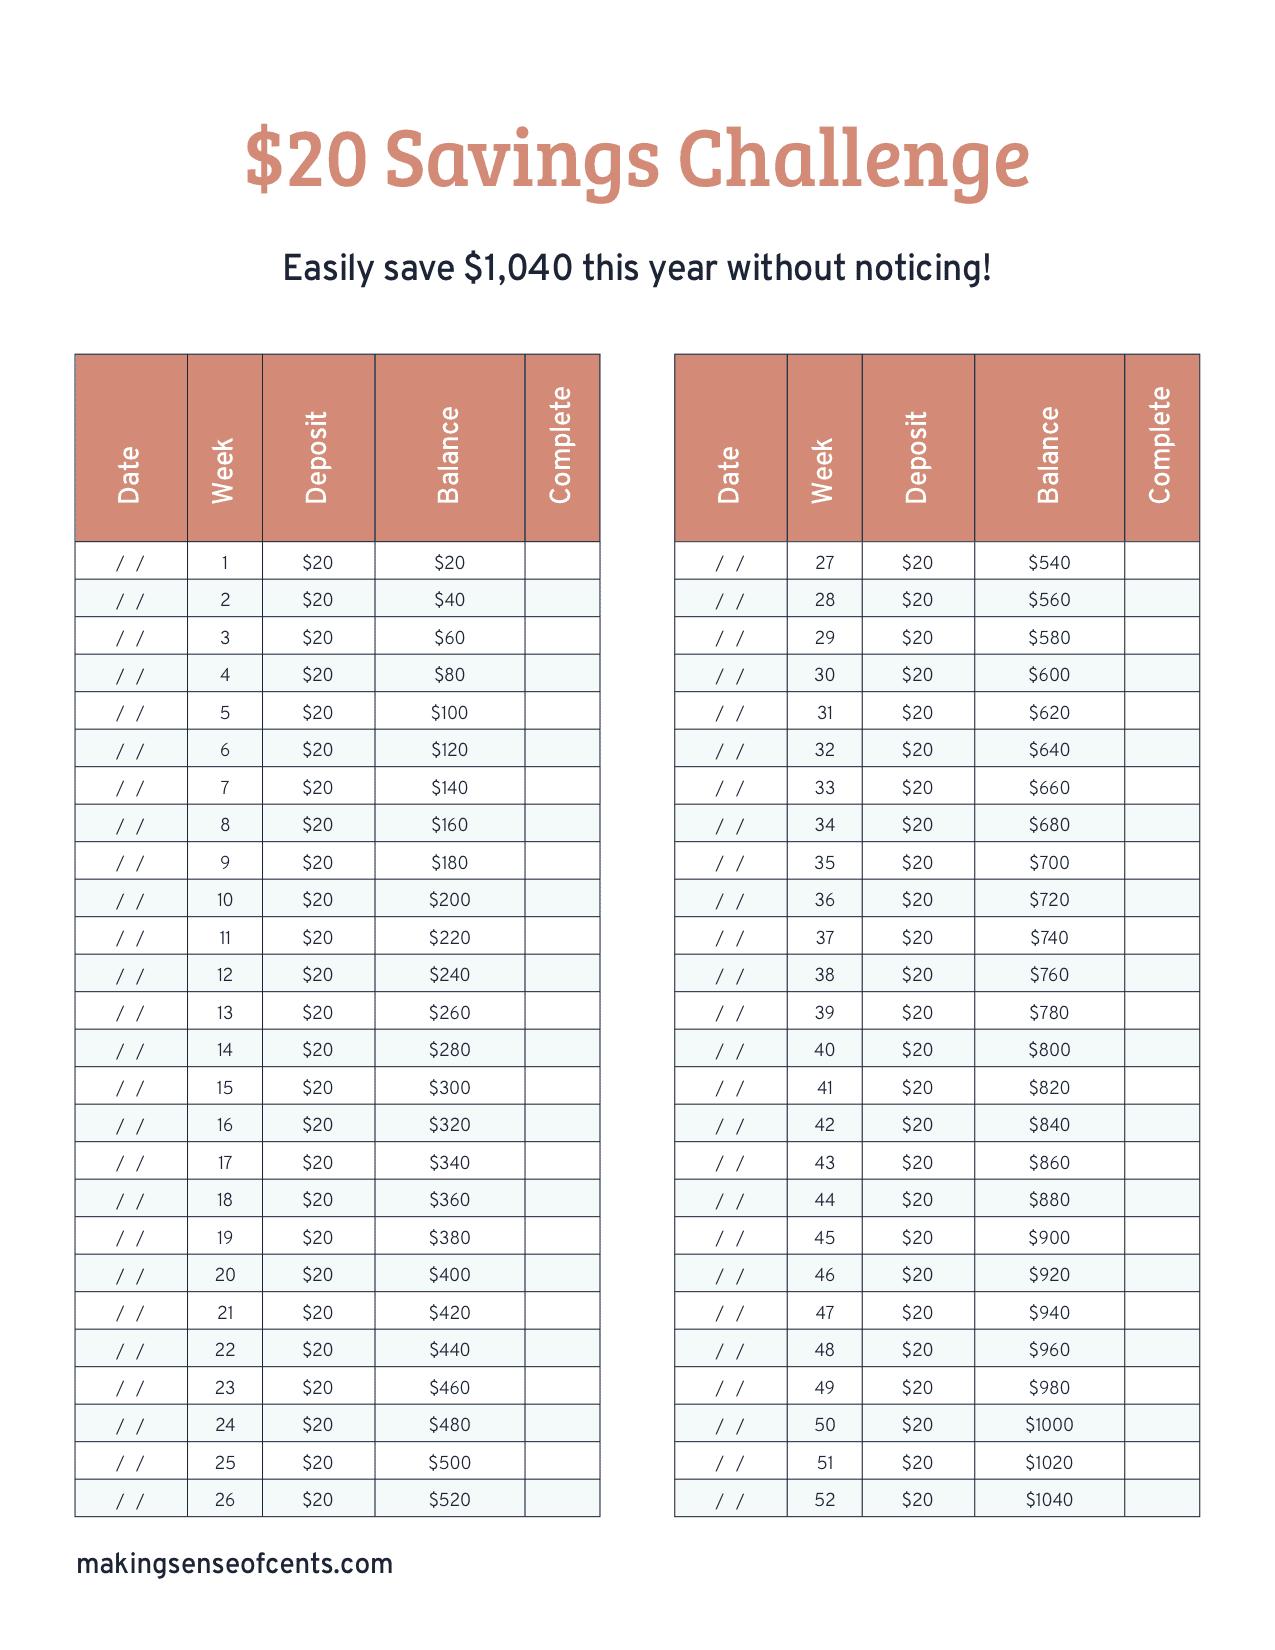 The 20 Savings Challenge